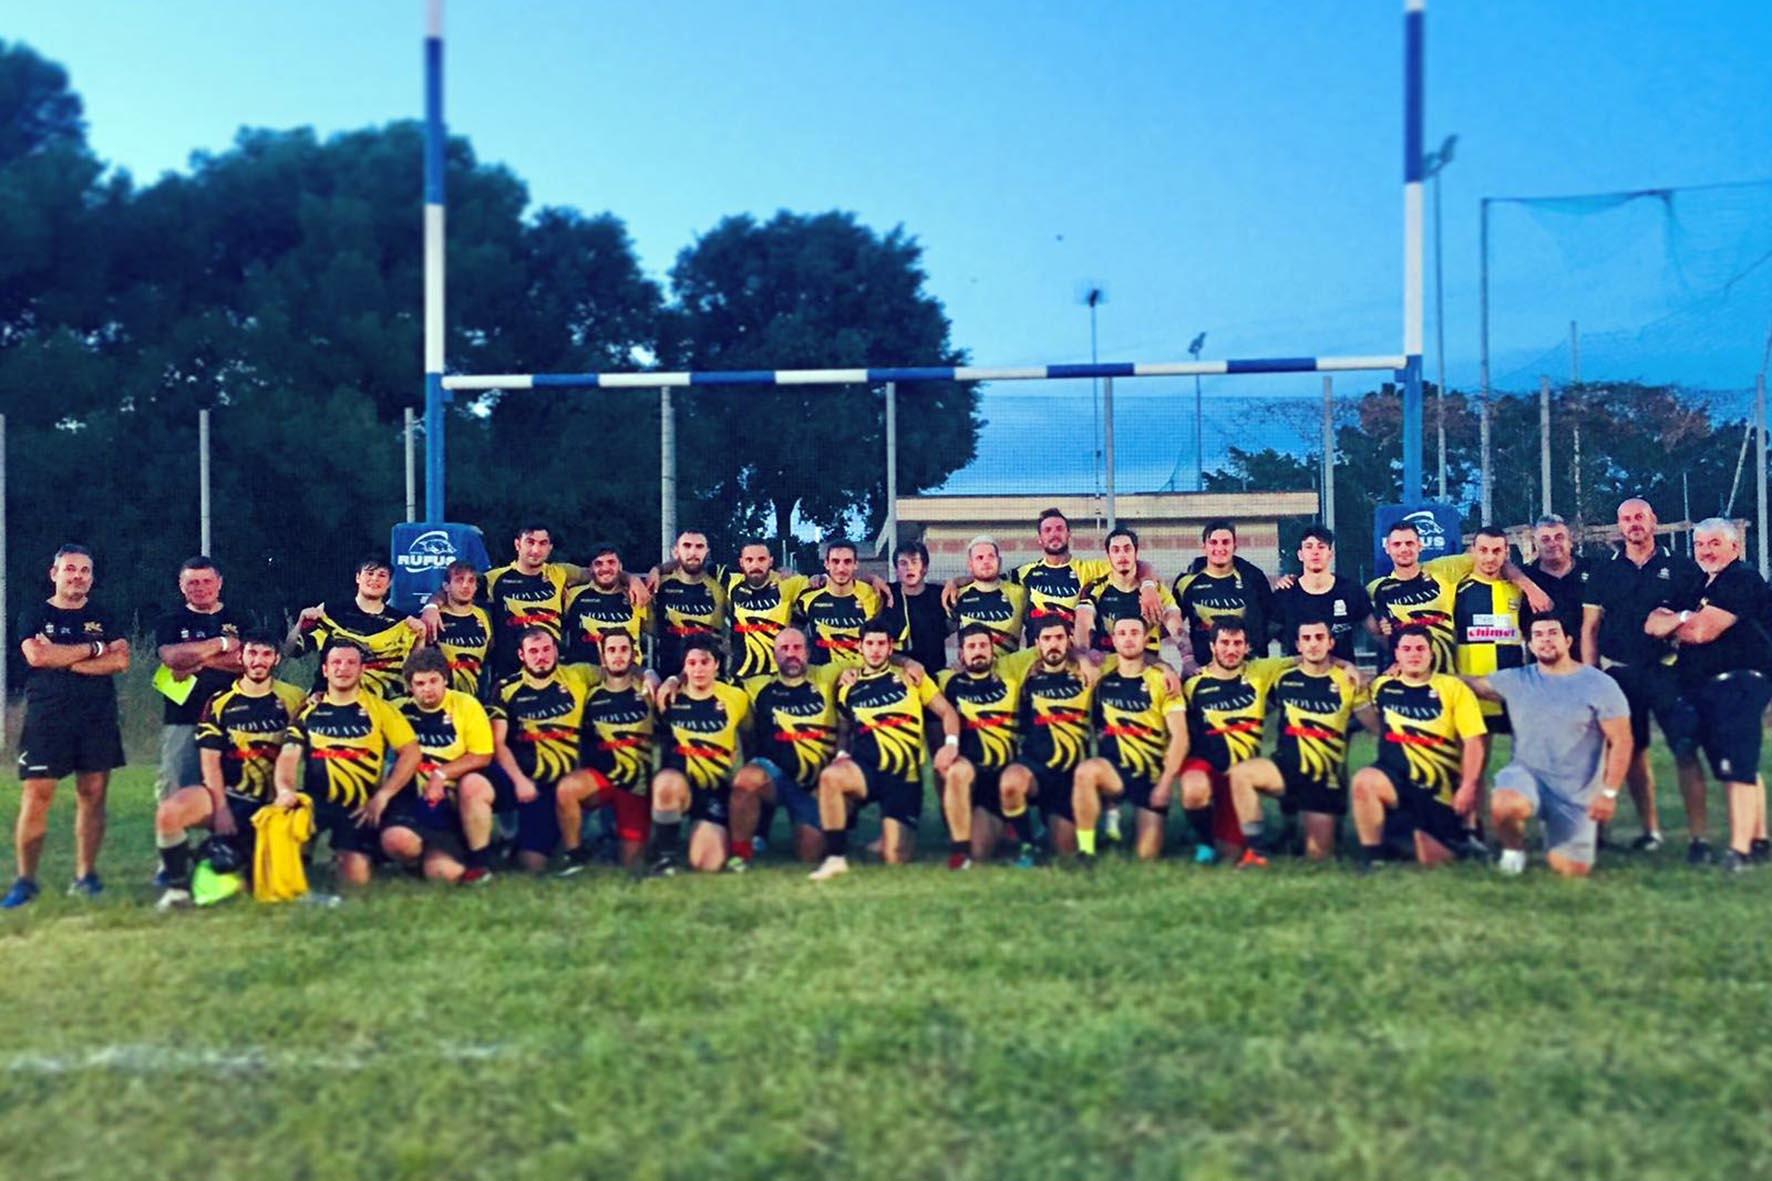 Union Rugby Arezzo - Foto di squadra 2019-2020